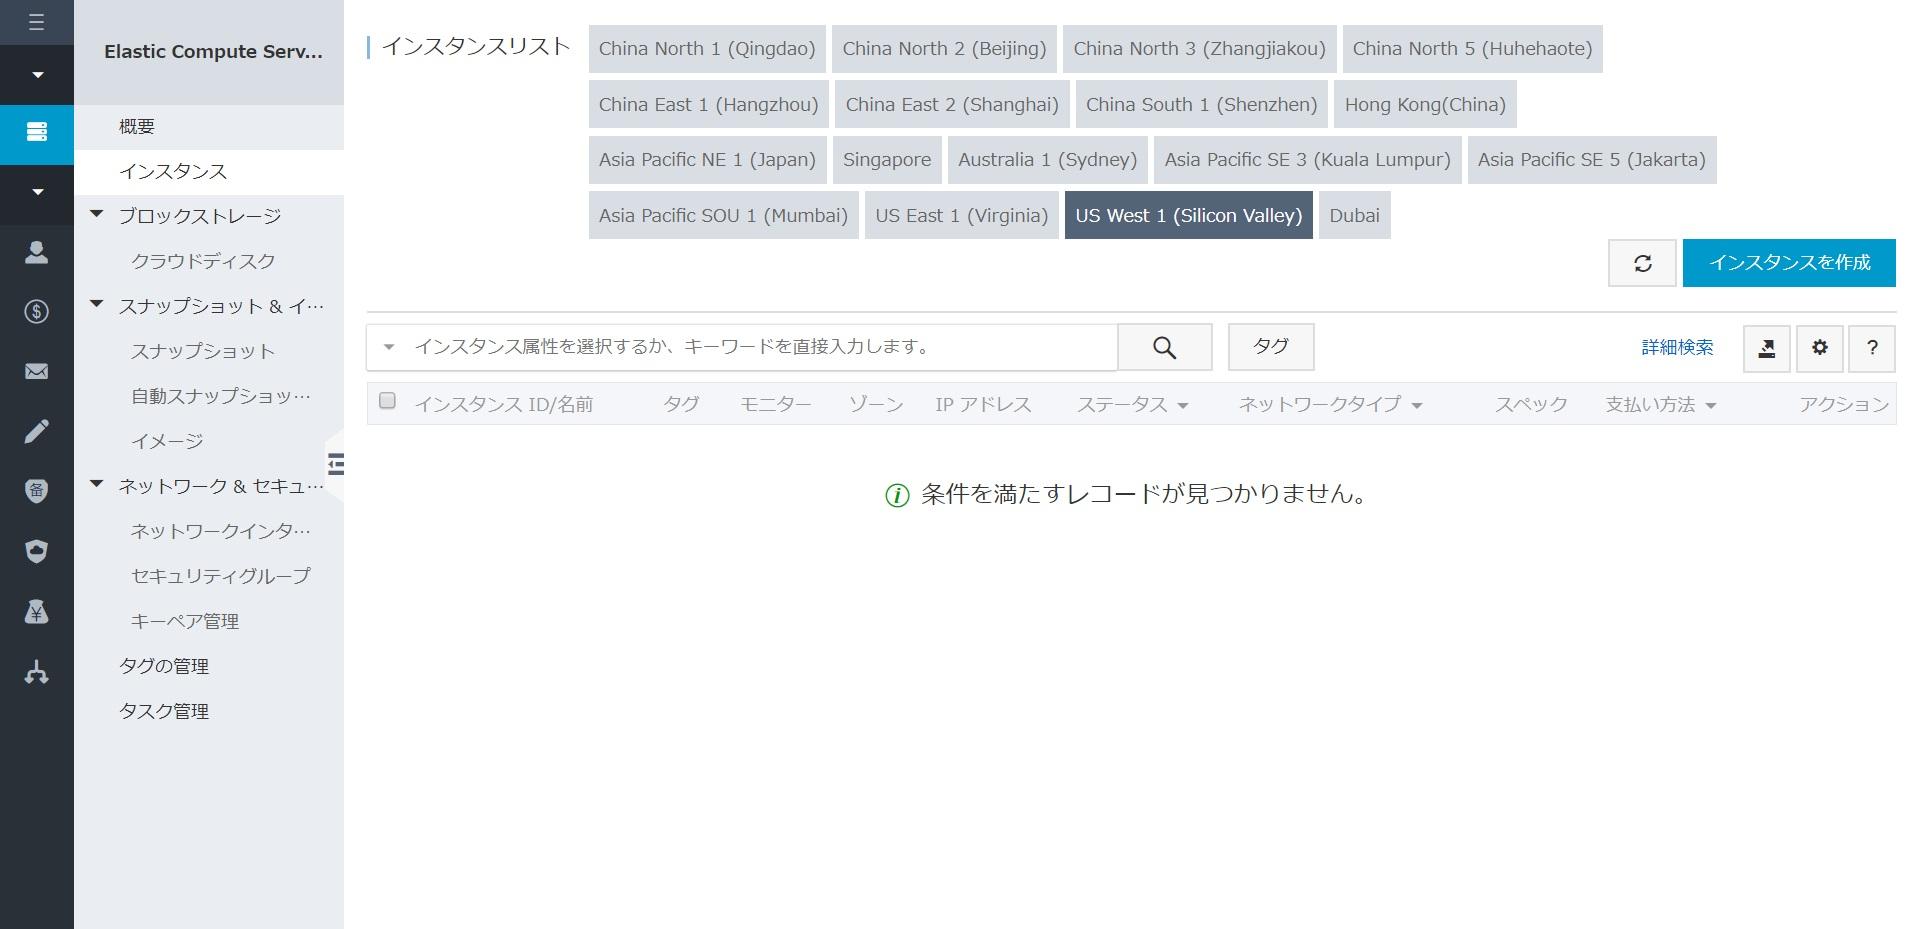 02_トップECS.jpg